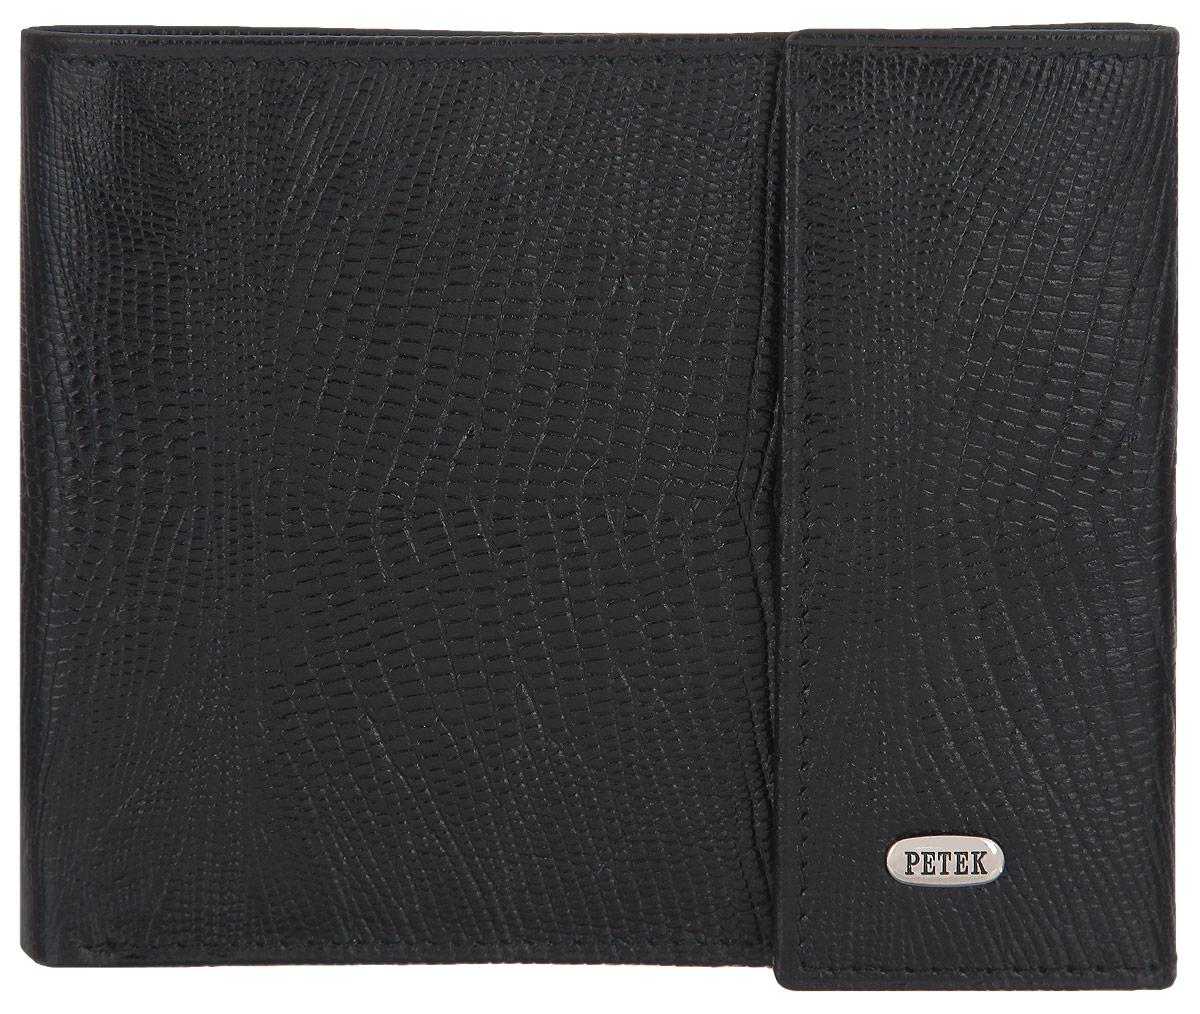 Портмоне мужское Petek 1855, цвет: черный. 291.041.01 291.041.01 Black